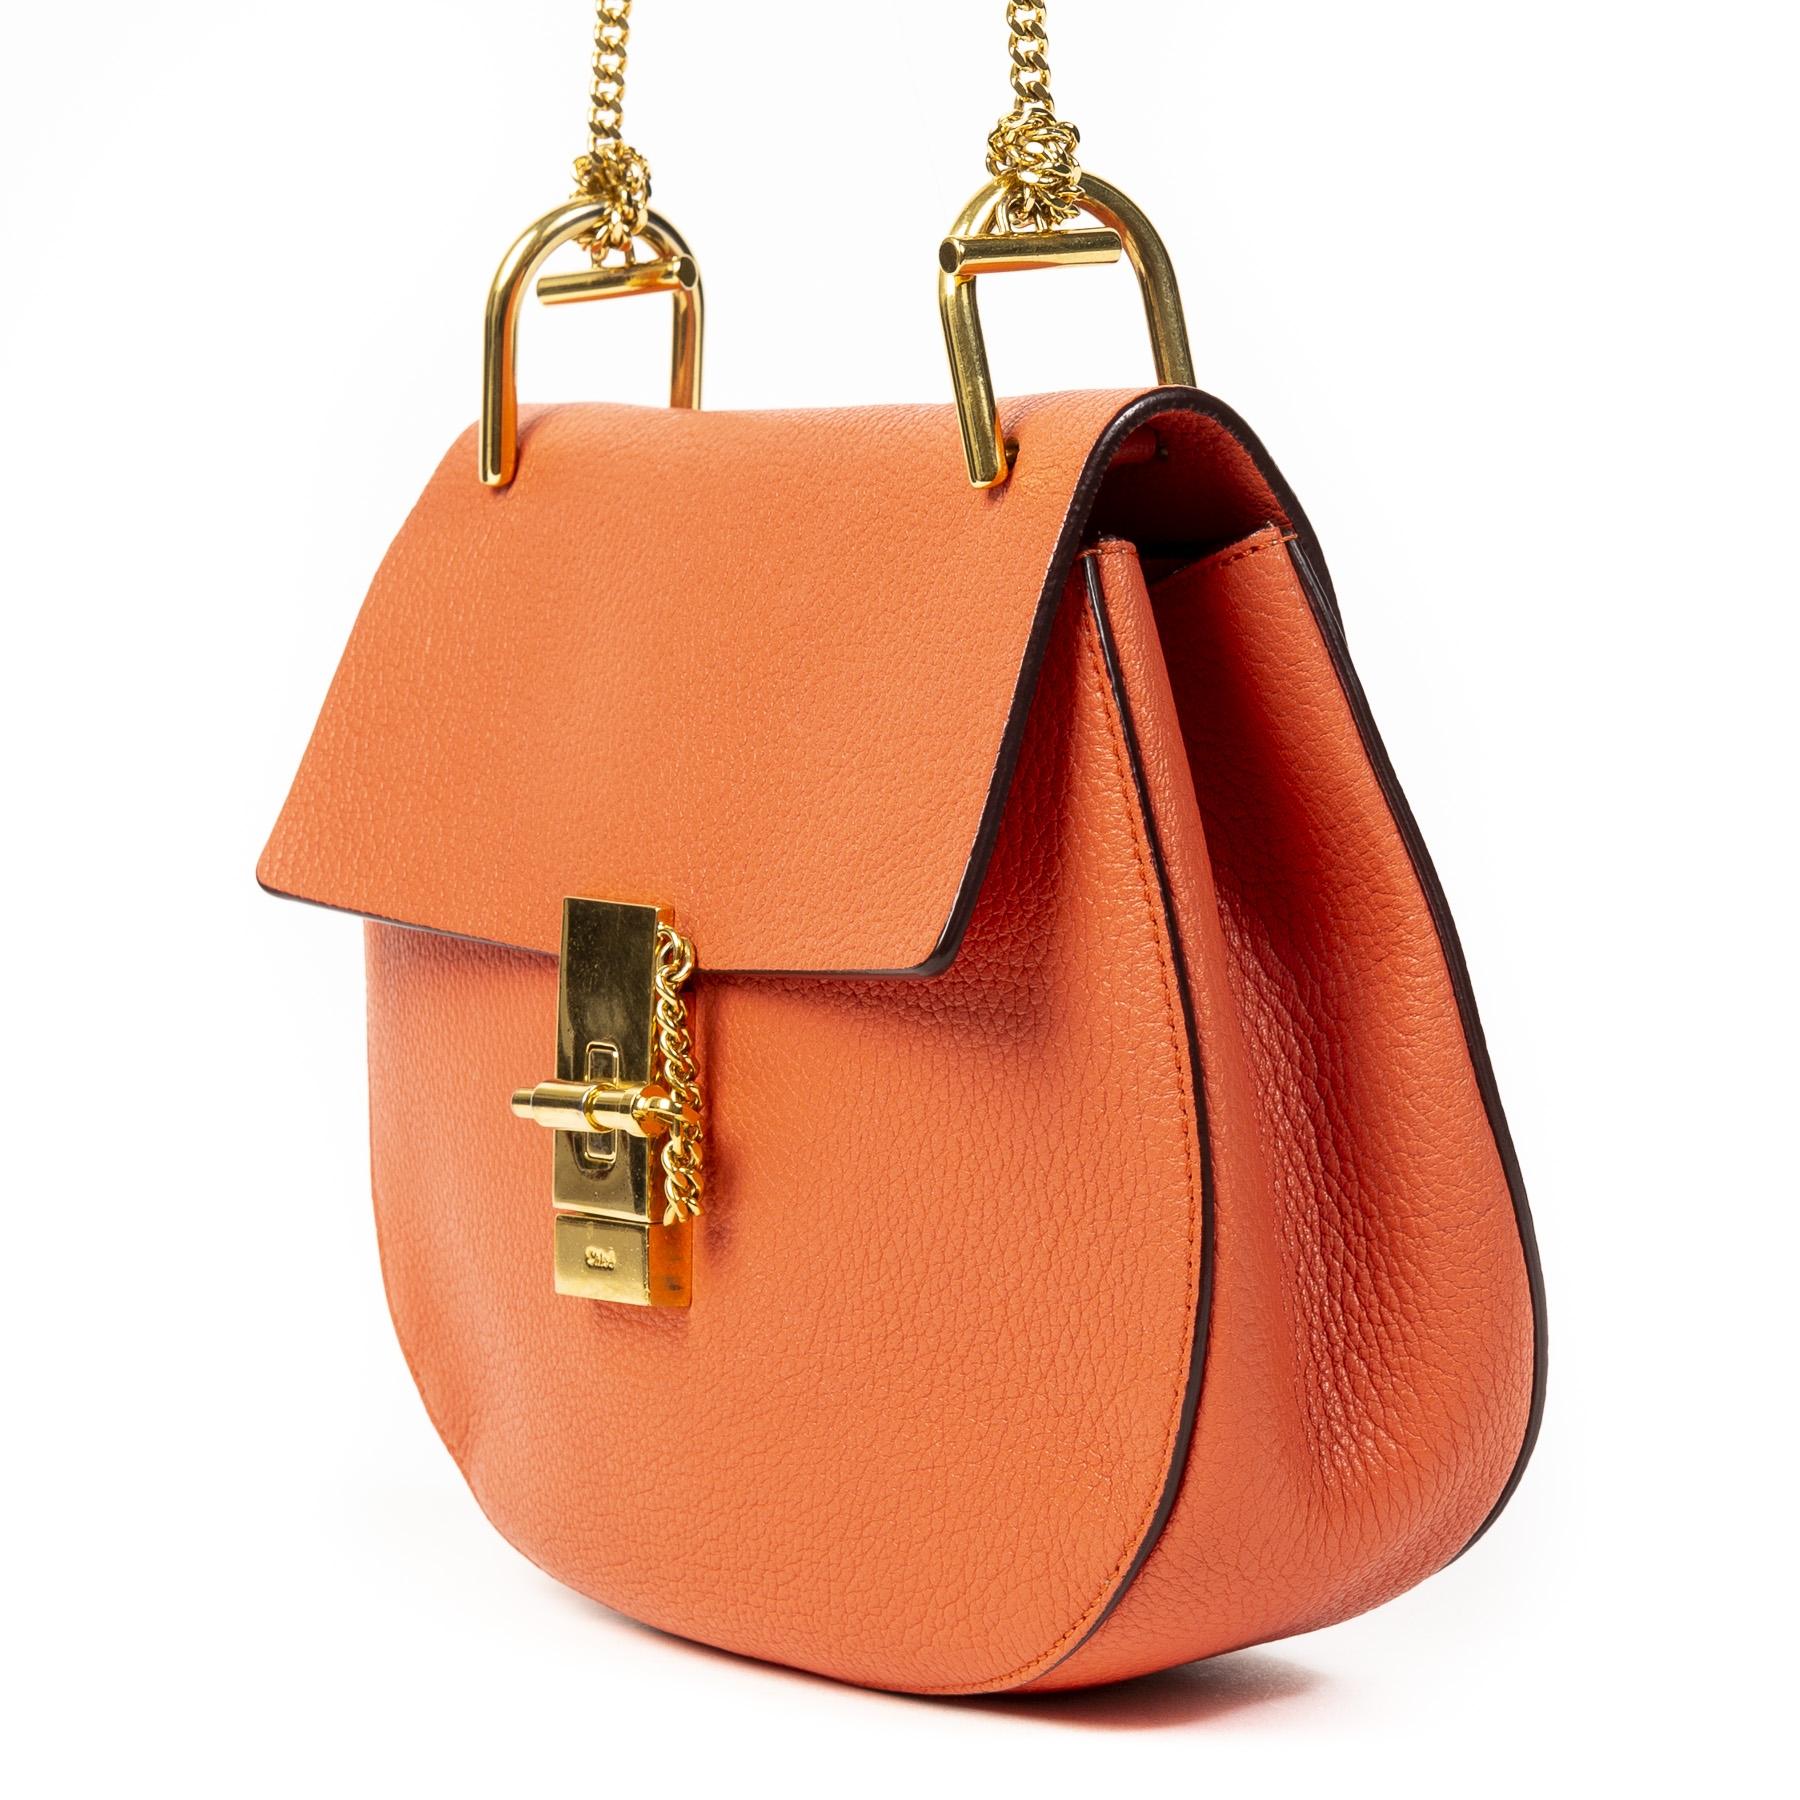 Authentieke tweedehands Chloé Drew Orange Shoulder Bag juiste prijs veilig online winkelen LabelLOV webshop luxe merken winkelen Antwerpen België mode fashion